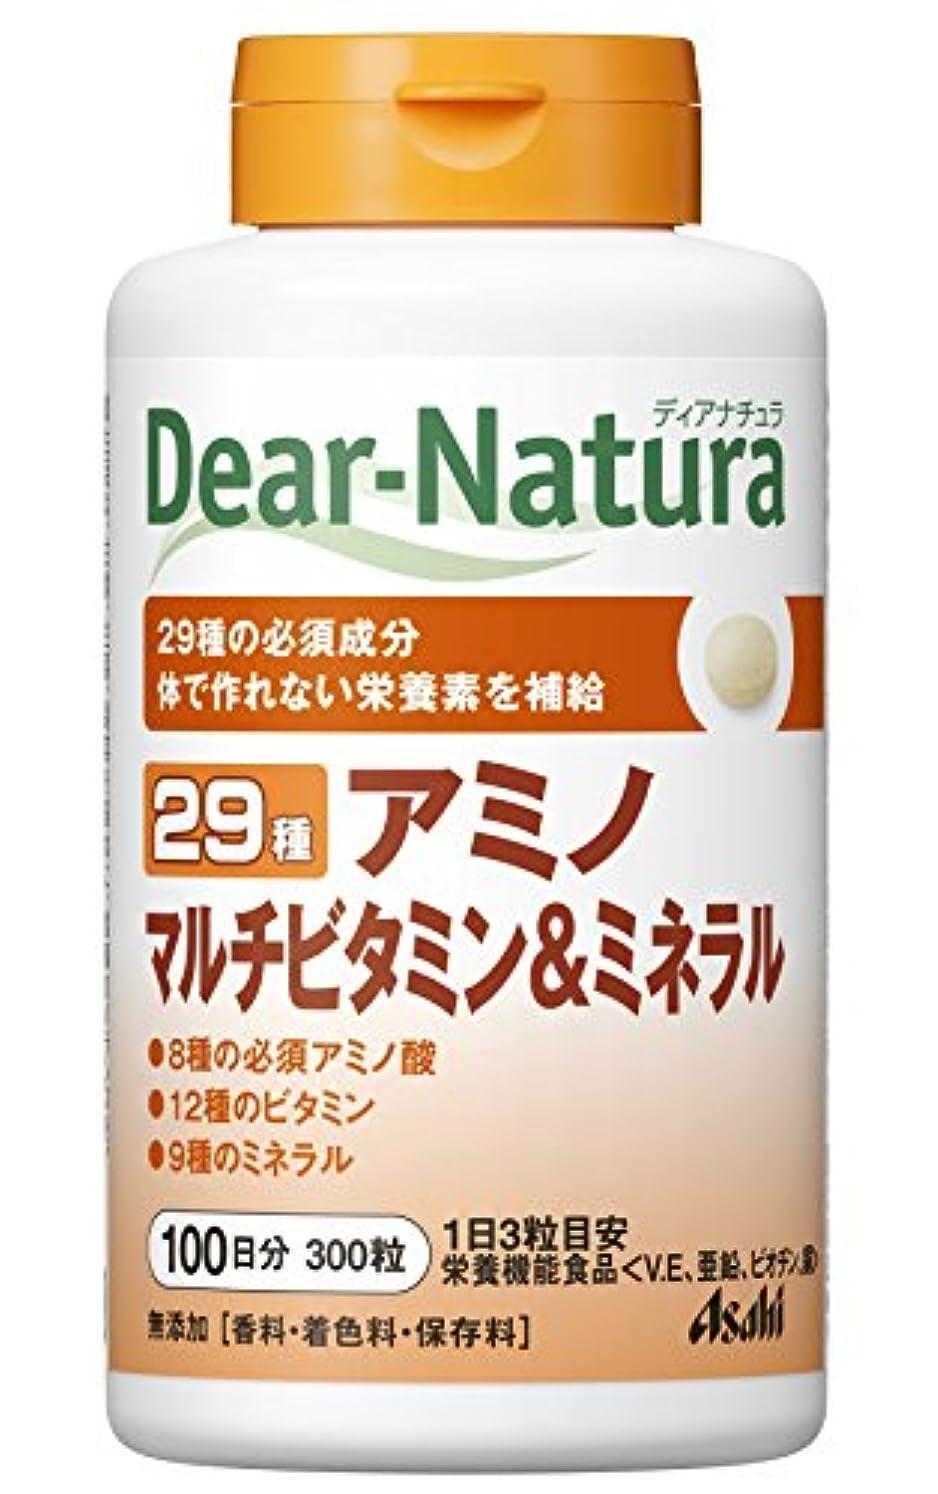 メイト読みやすいちっちゃいディアナチュラ 29アミノ マルチビタミン&ミネラル 300粒 (100日分)